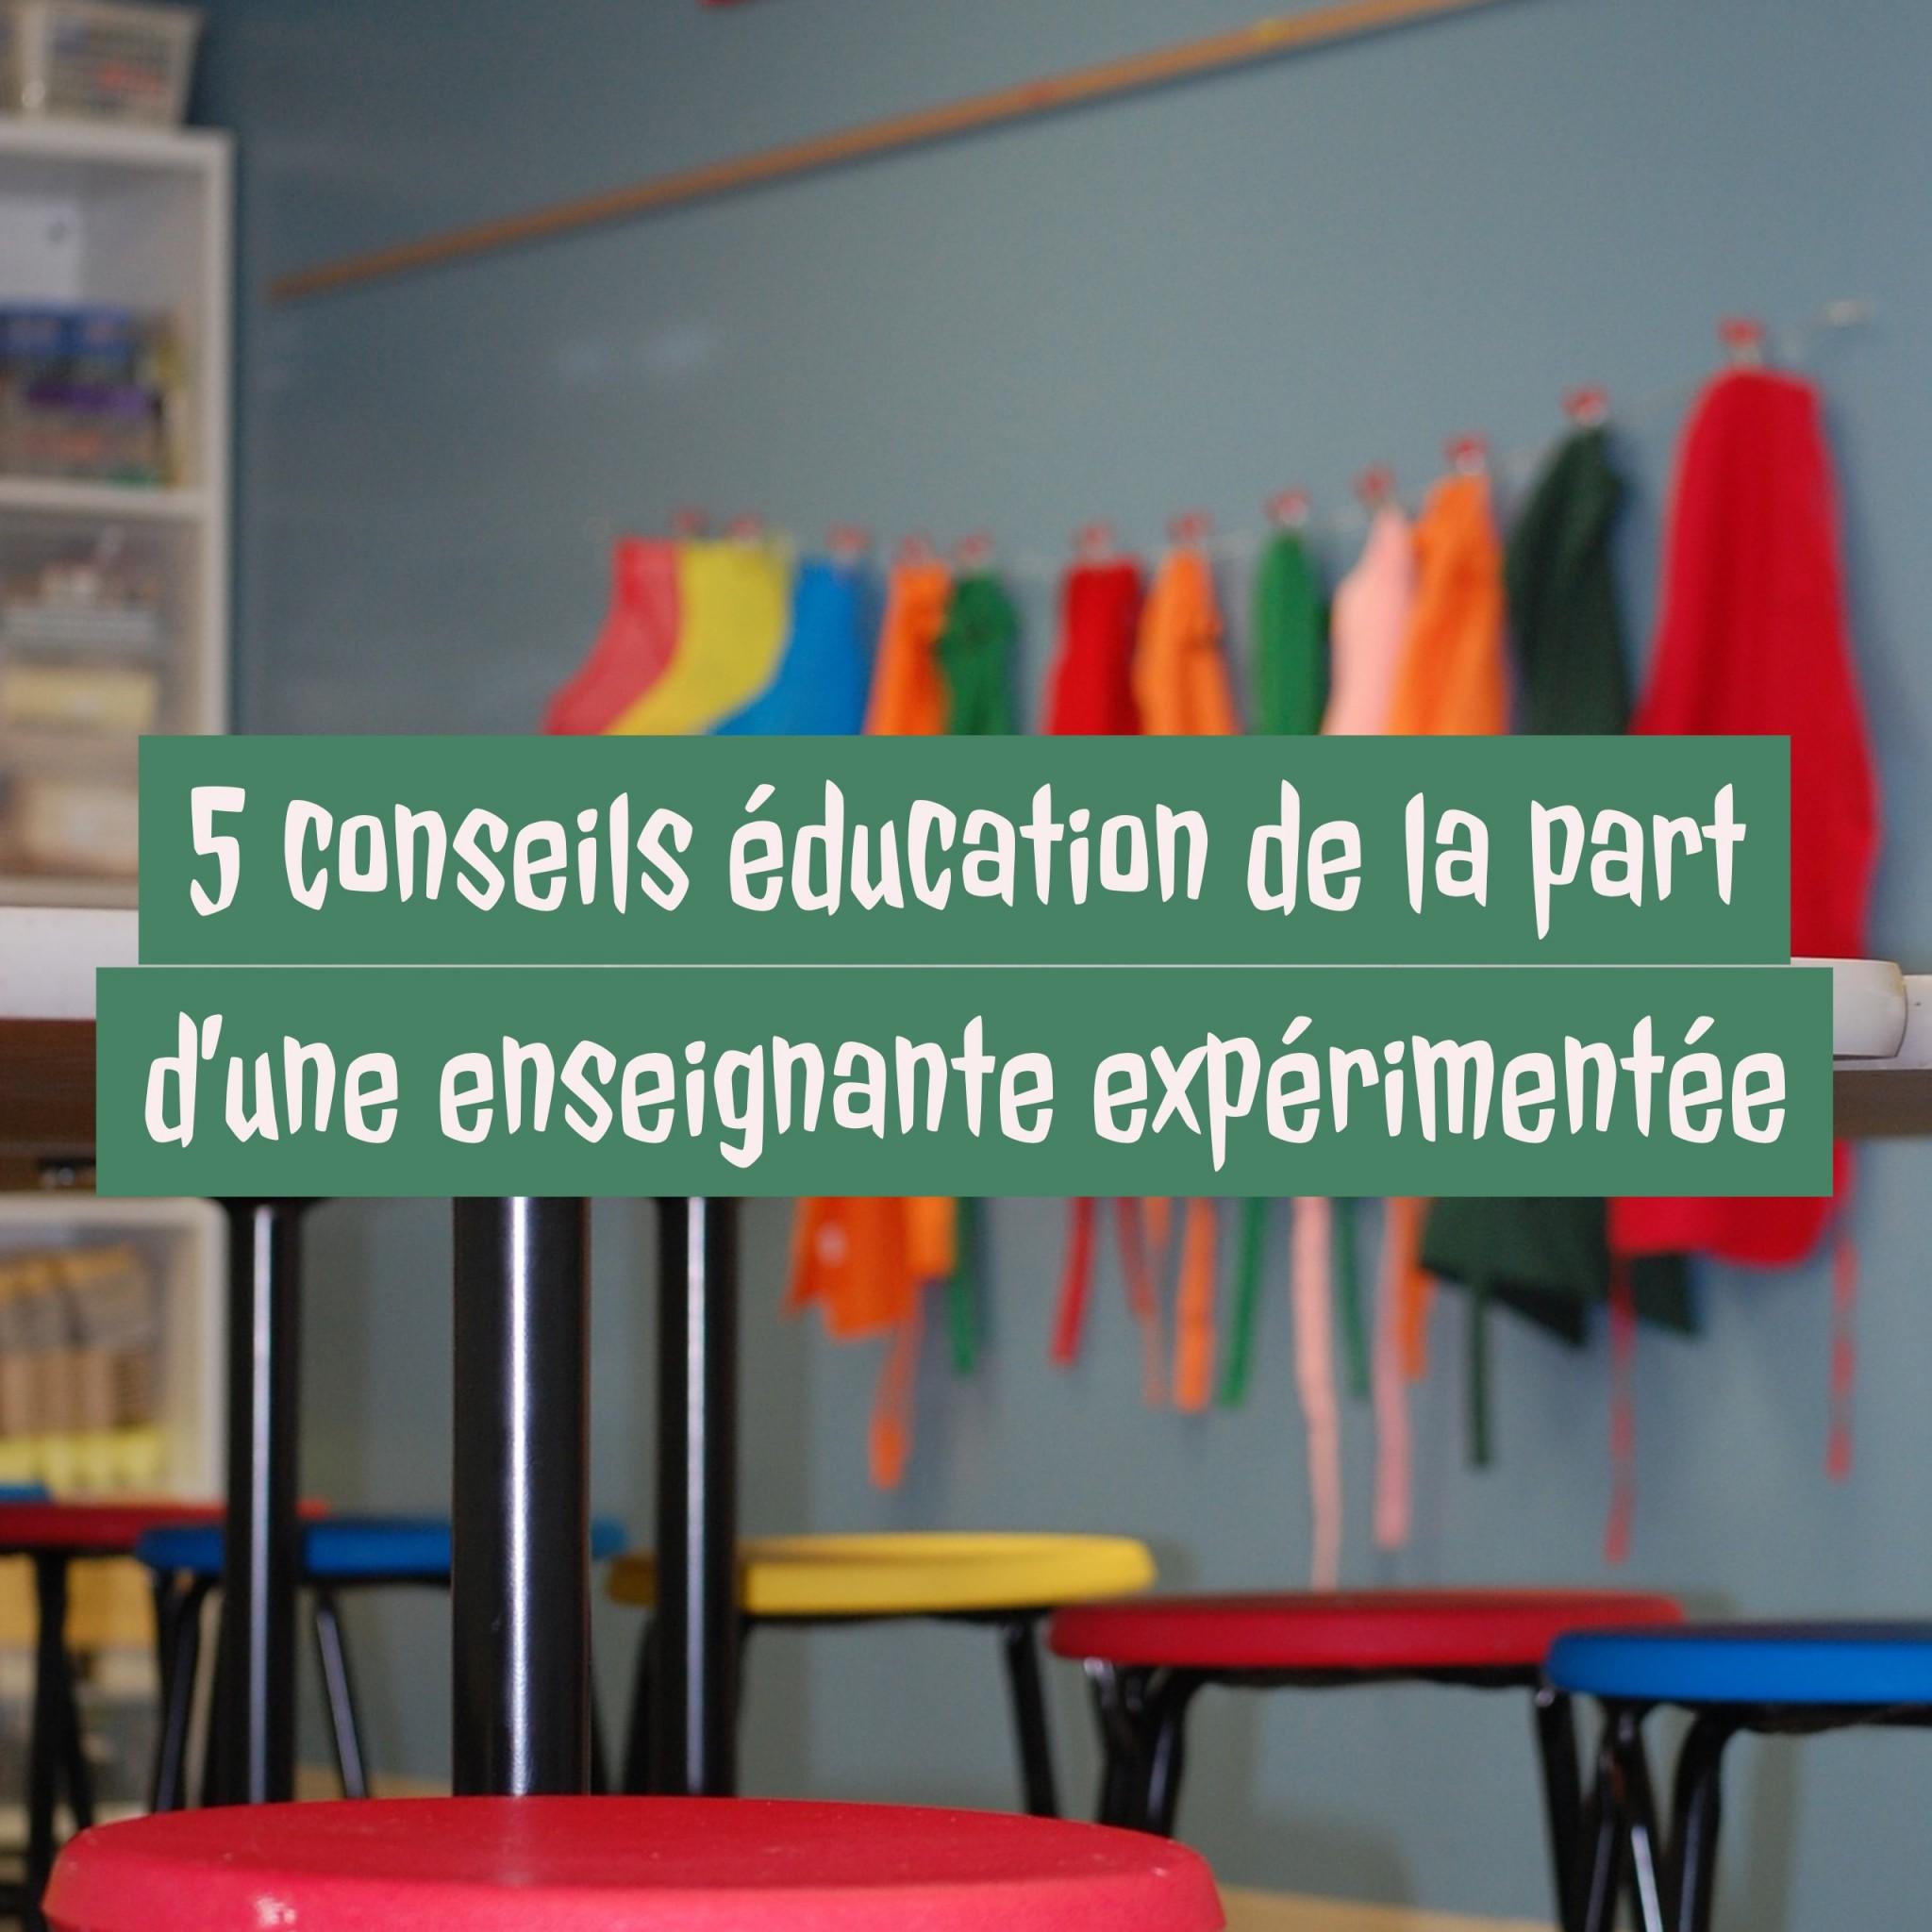 5 conseils éducation de la part d'une enseignante expérimentée